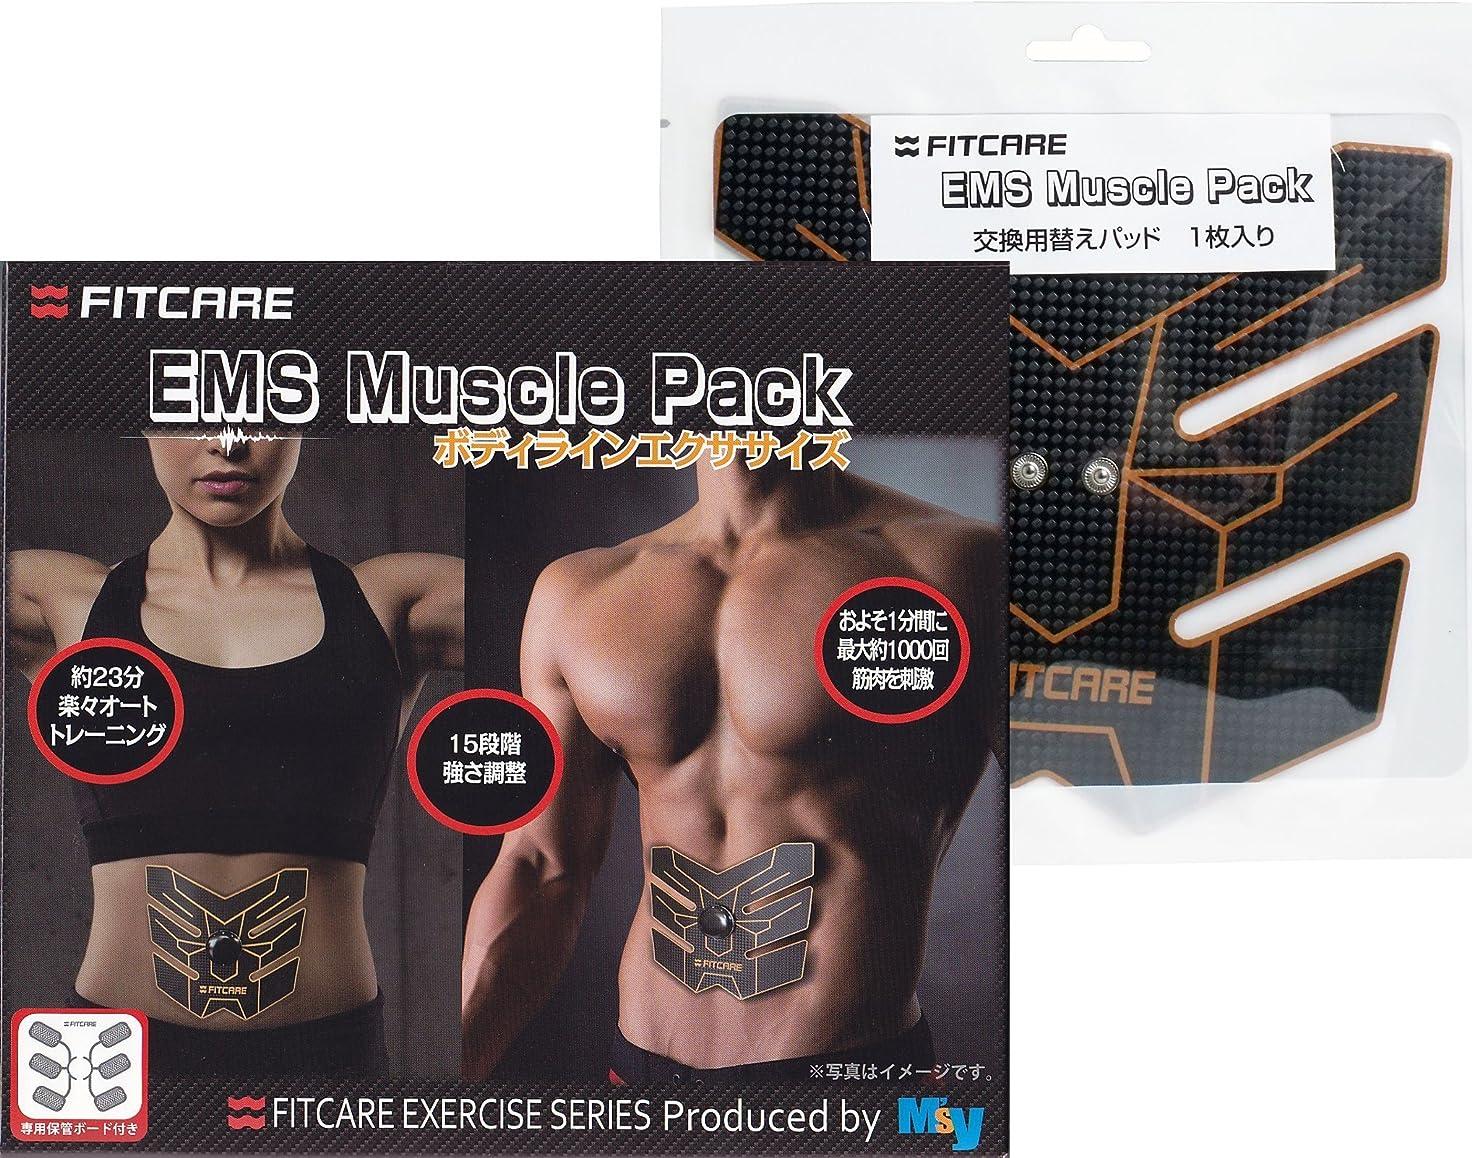 シャツ恐ろしい家禽EMS マッスルパック ボディラインエクササイズ 本体+交換用替パット